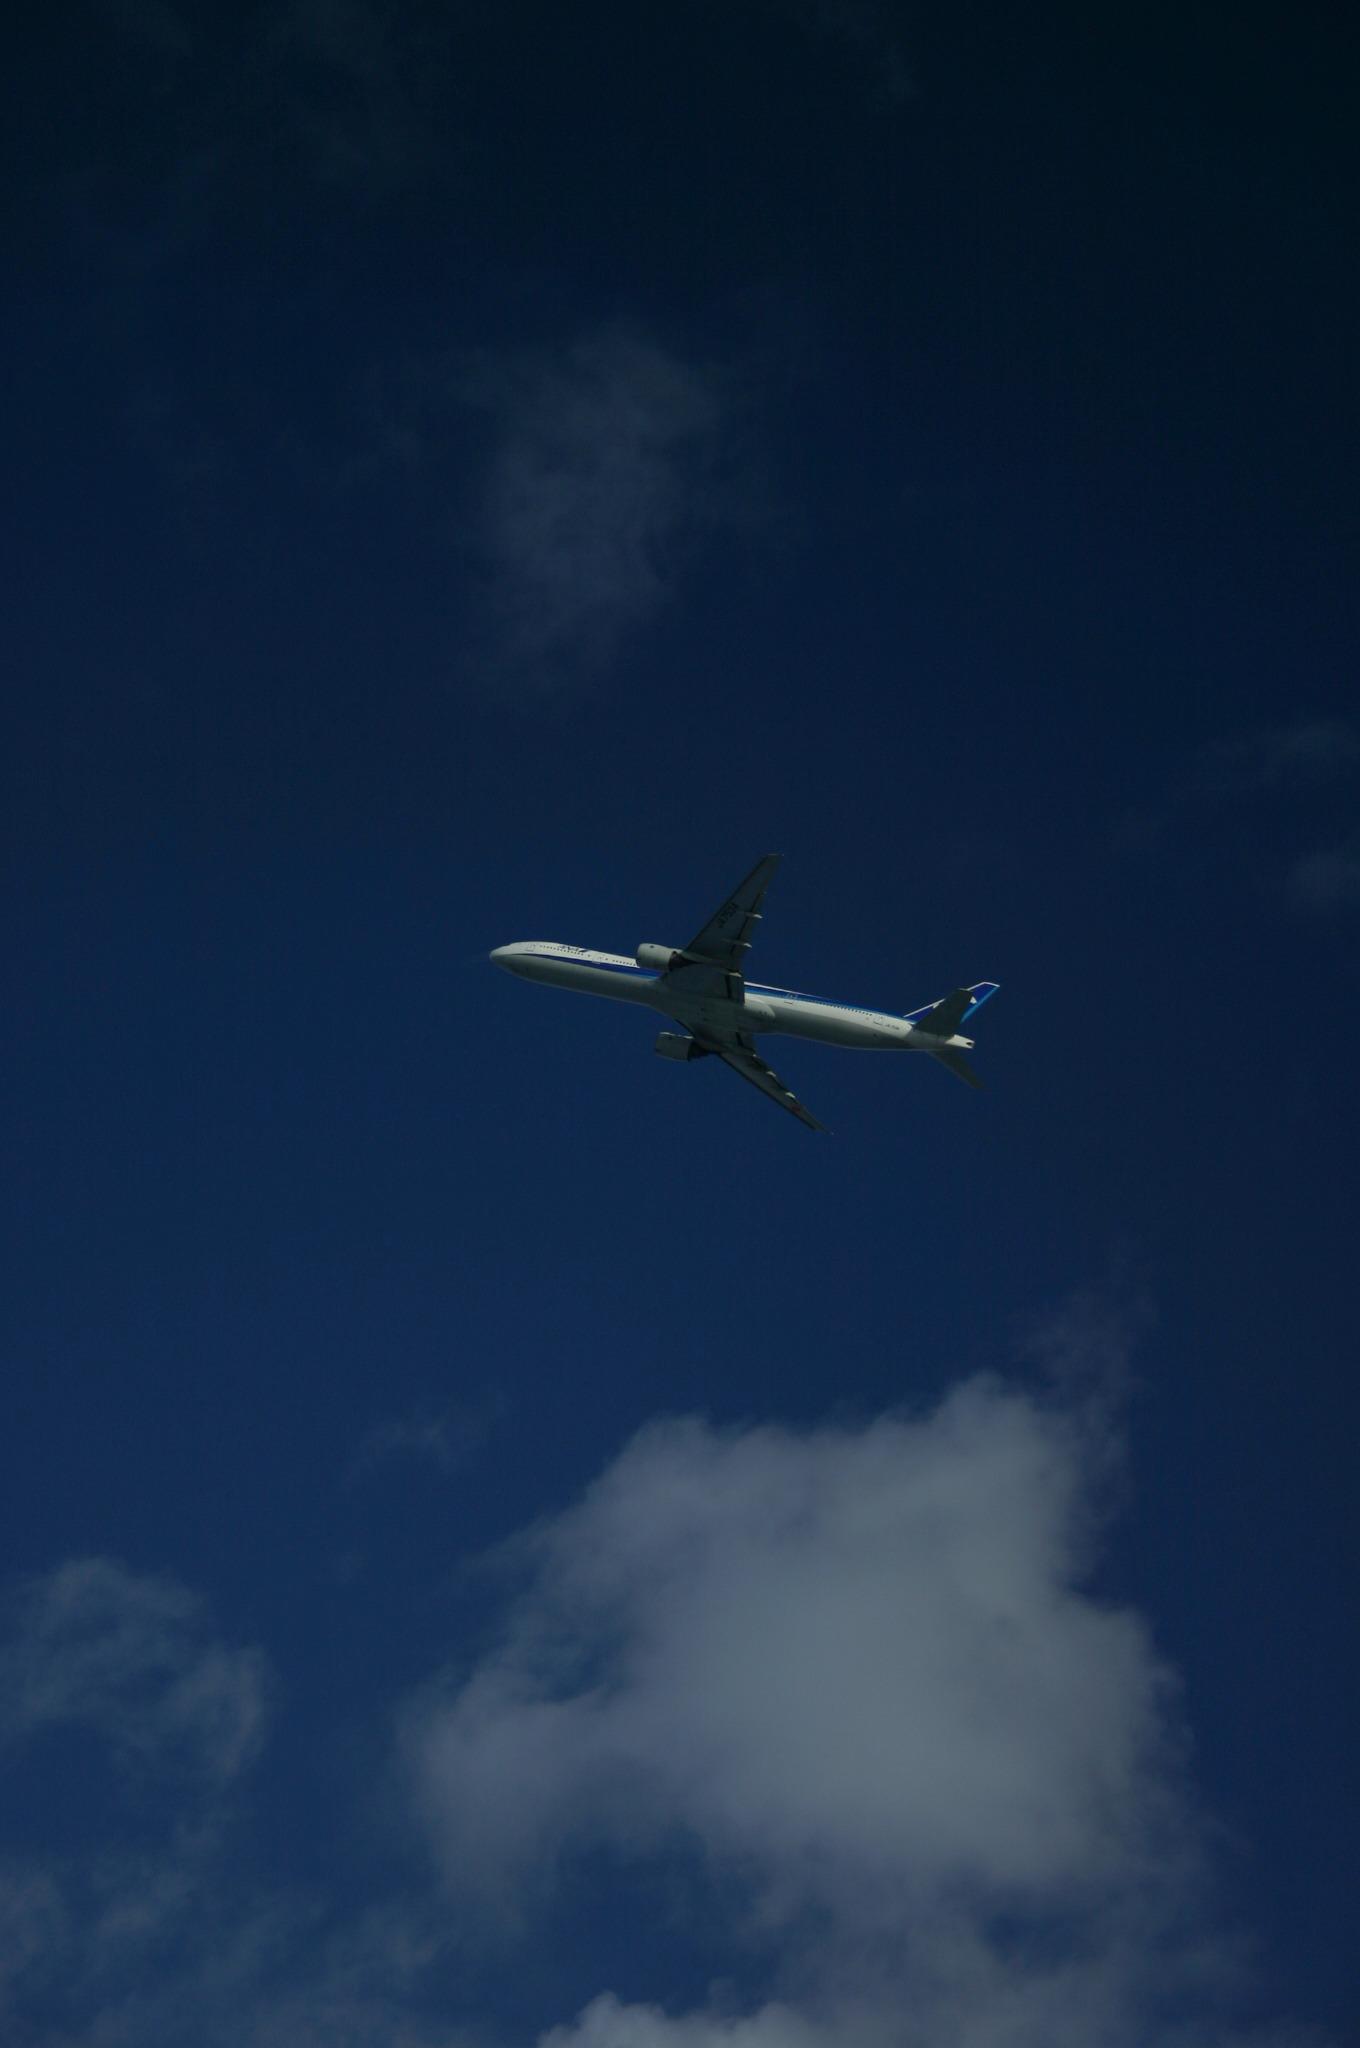 千歳空港より大空に飛ぶ